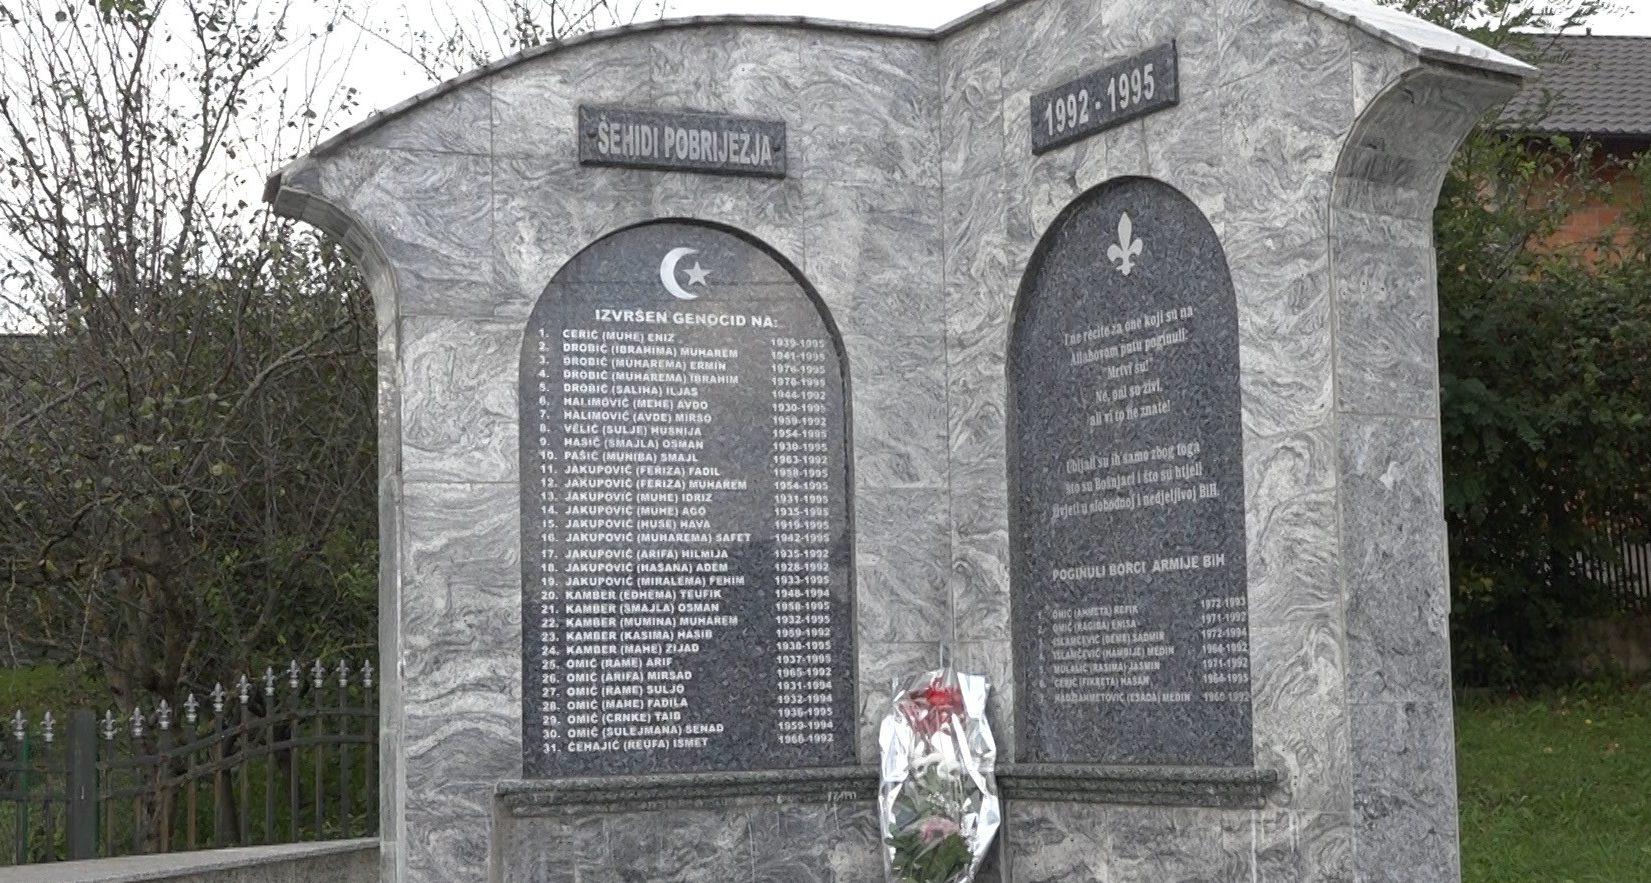 Žrtve koje su date za slobodu  nikada ne smijemo zaboraviti